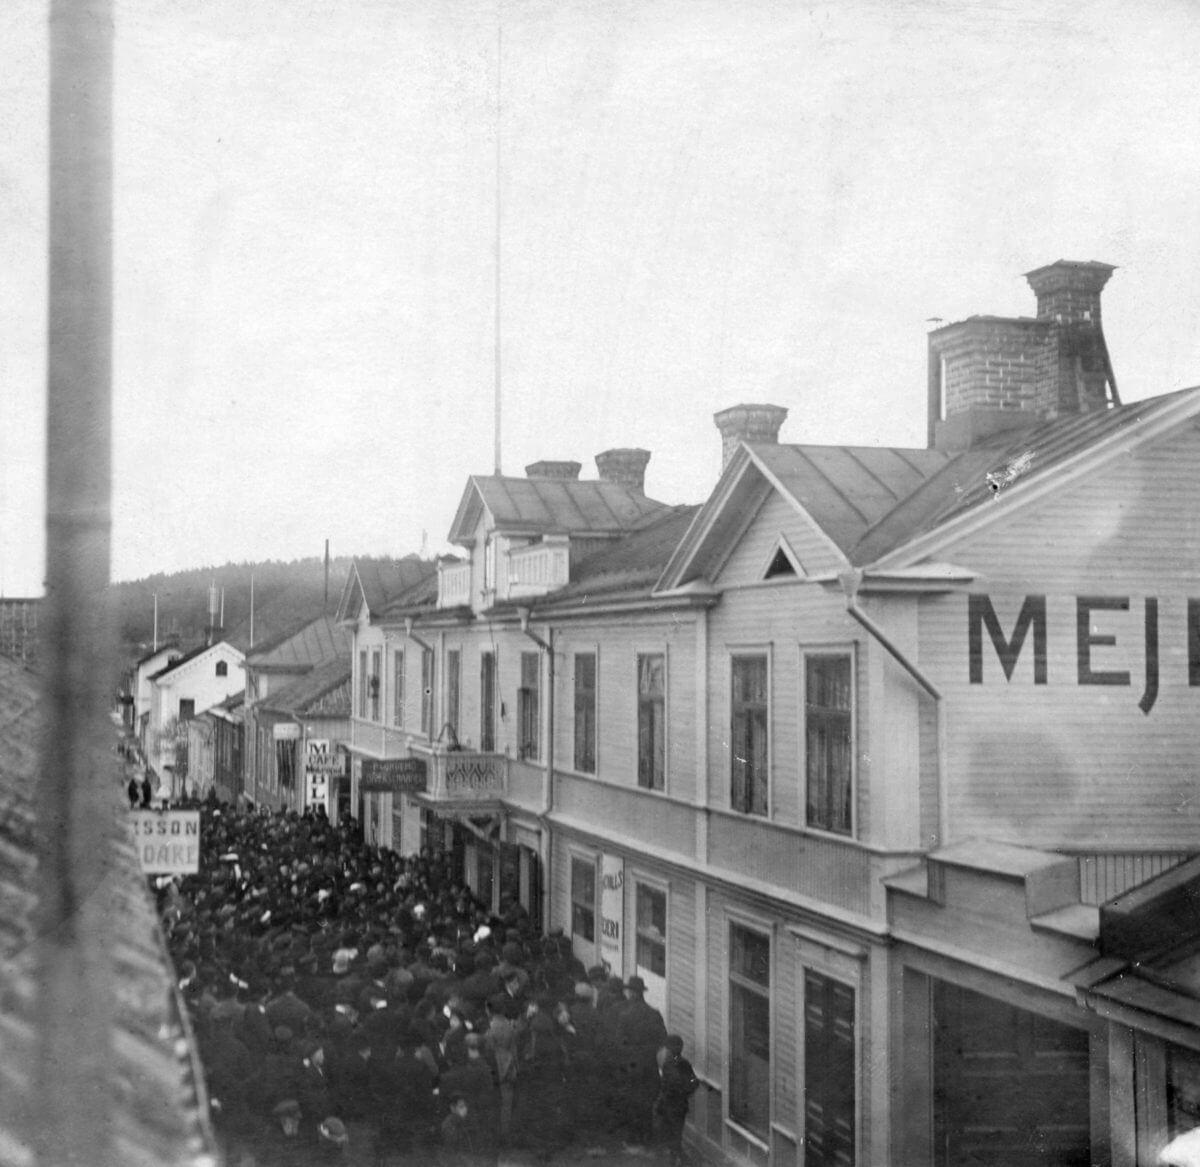 Ett demonstationståg går genom en stadskärna.